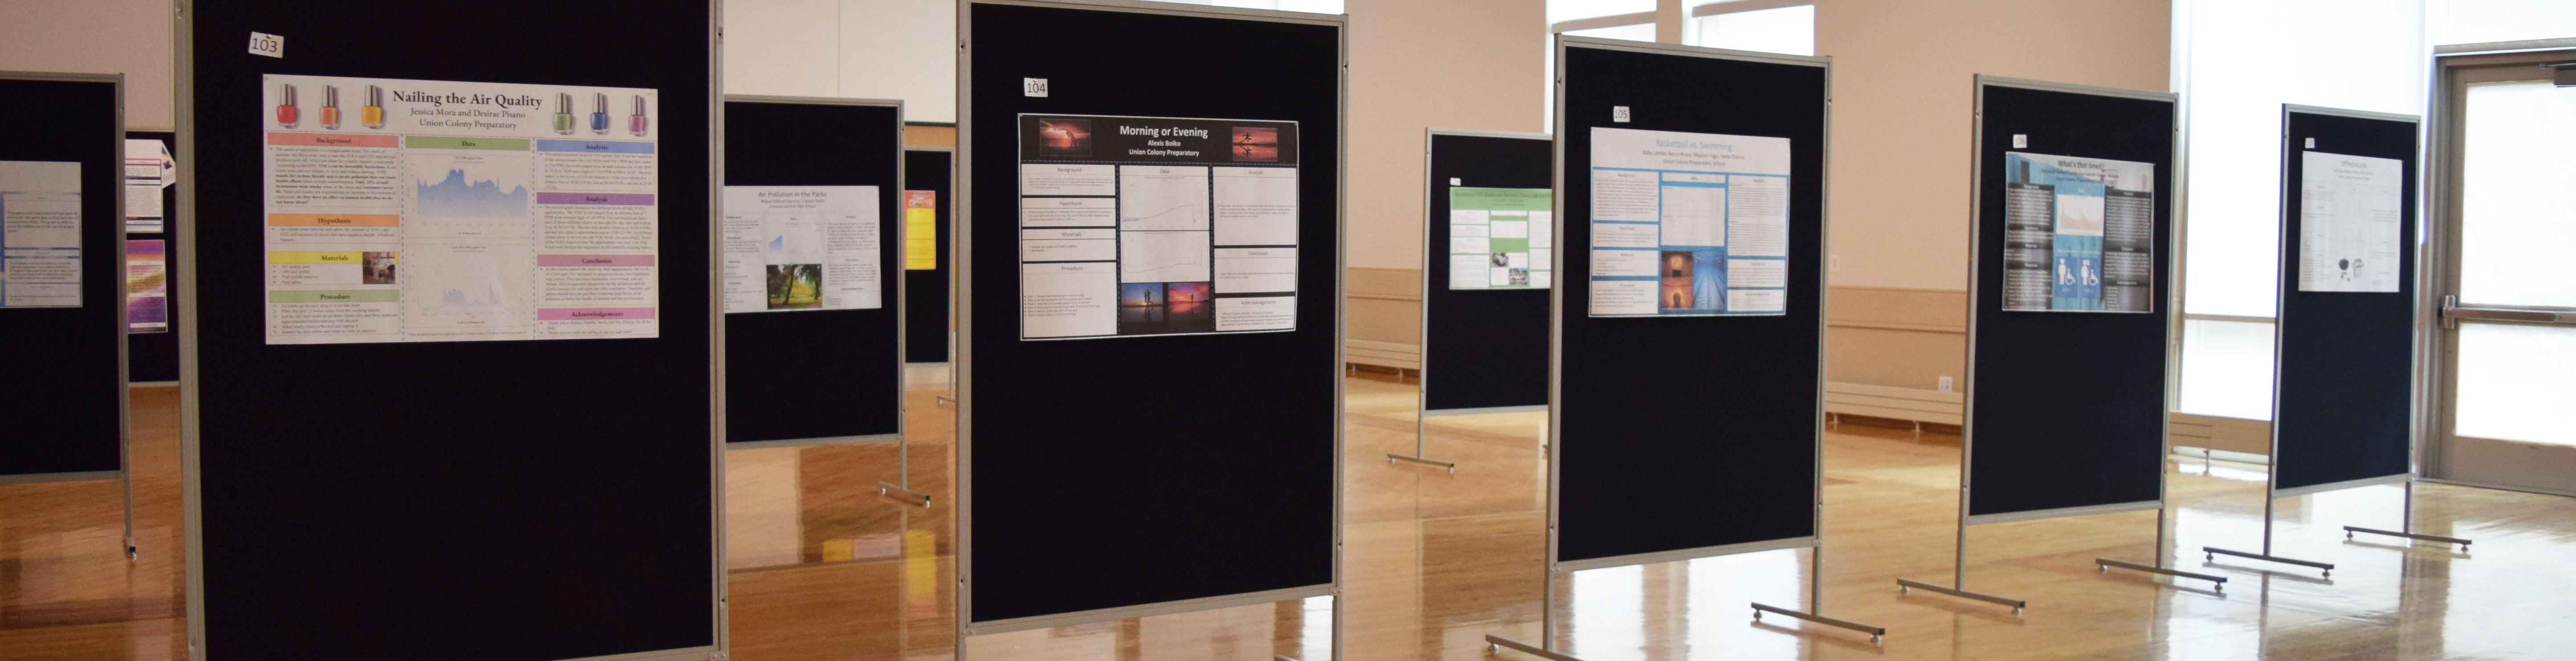 AQIQ symposium banner